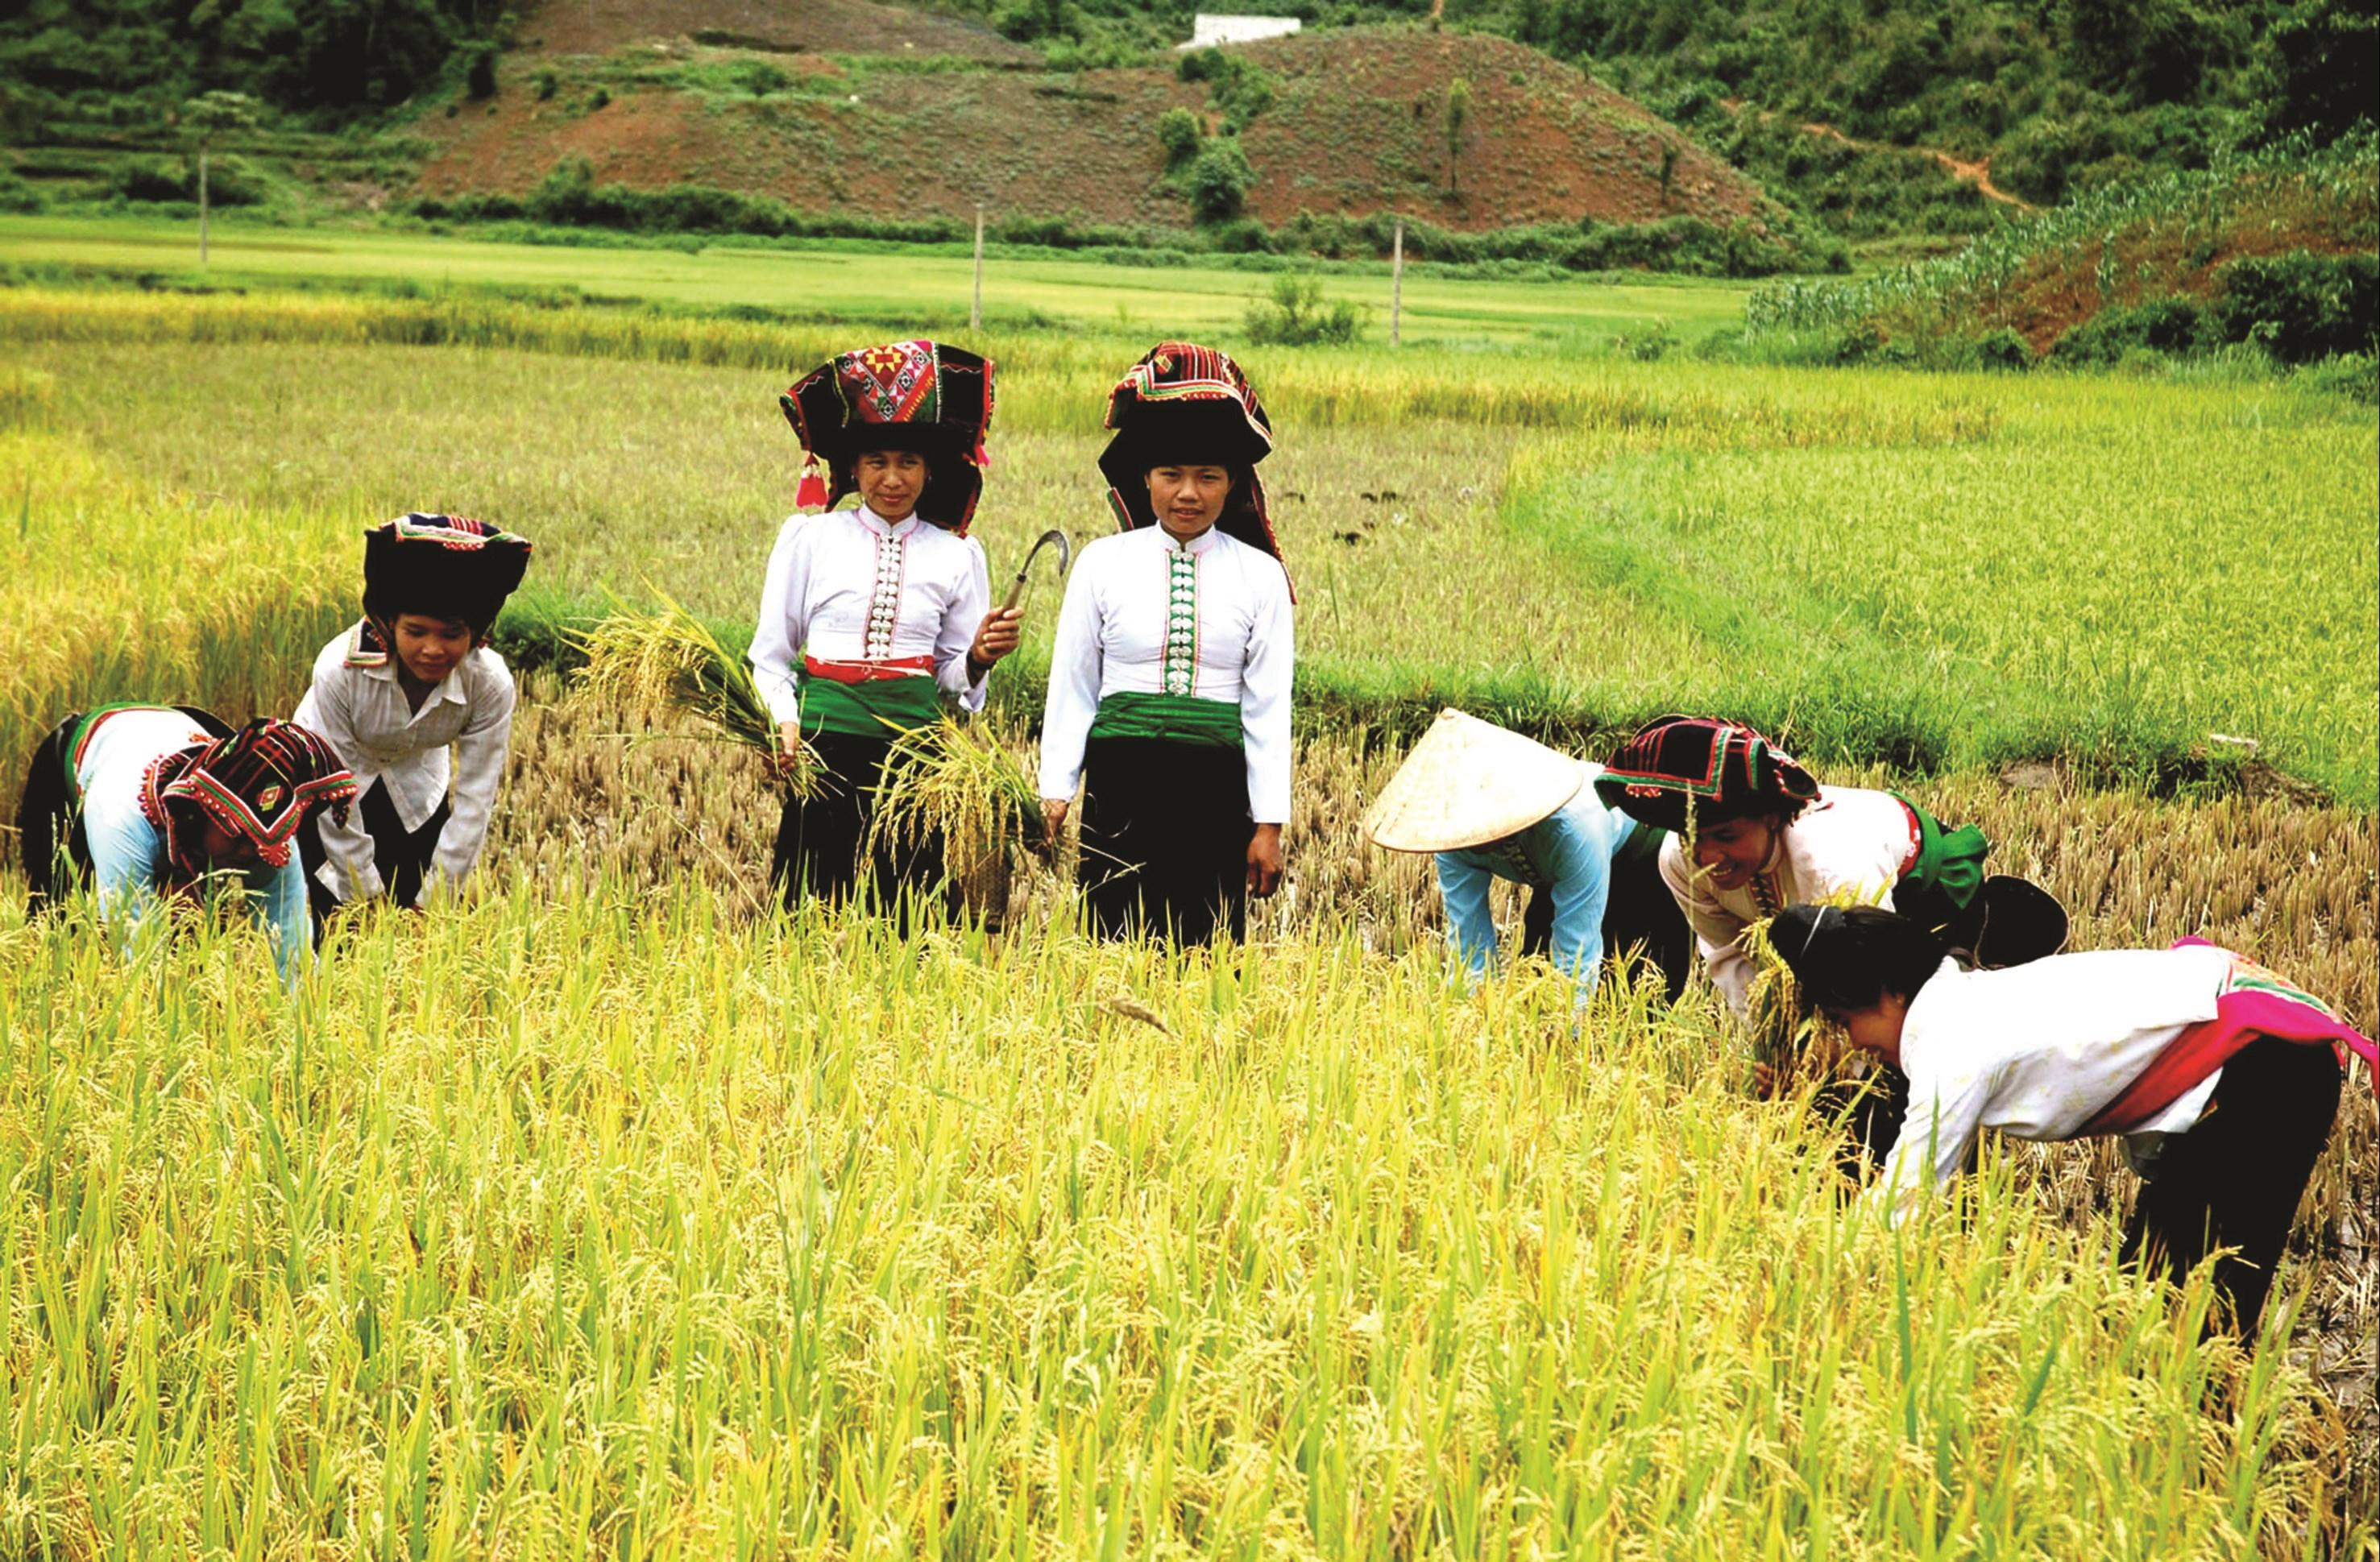 Lúa gạo - 1 trong 5 mặt hàng tạo ấn tượng nhất trong xuất khẩu nông sản.